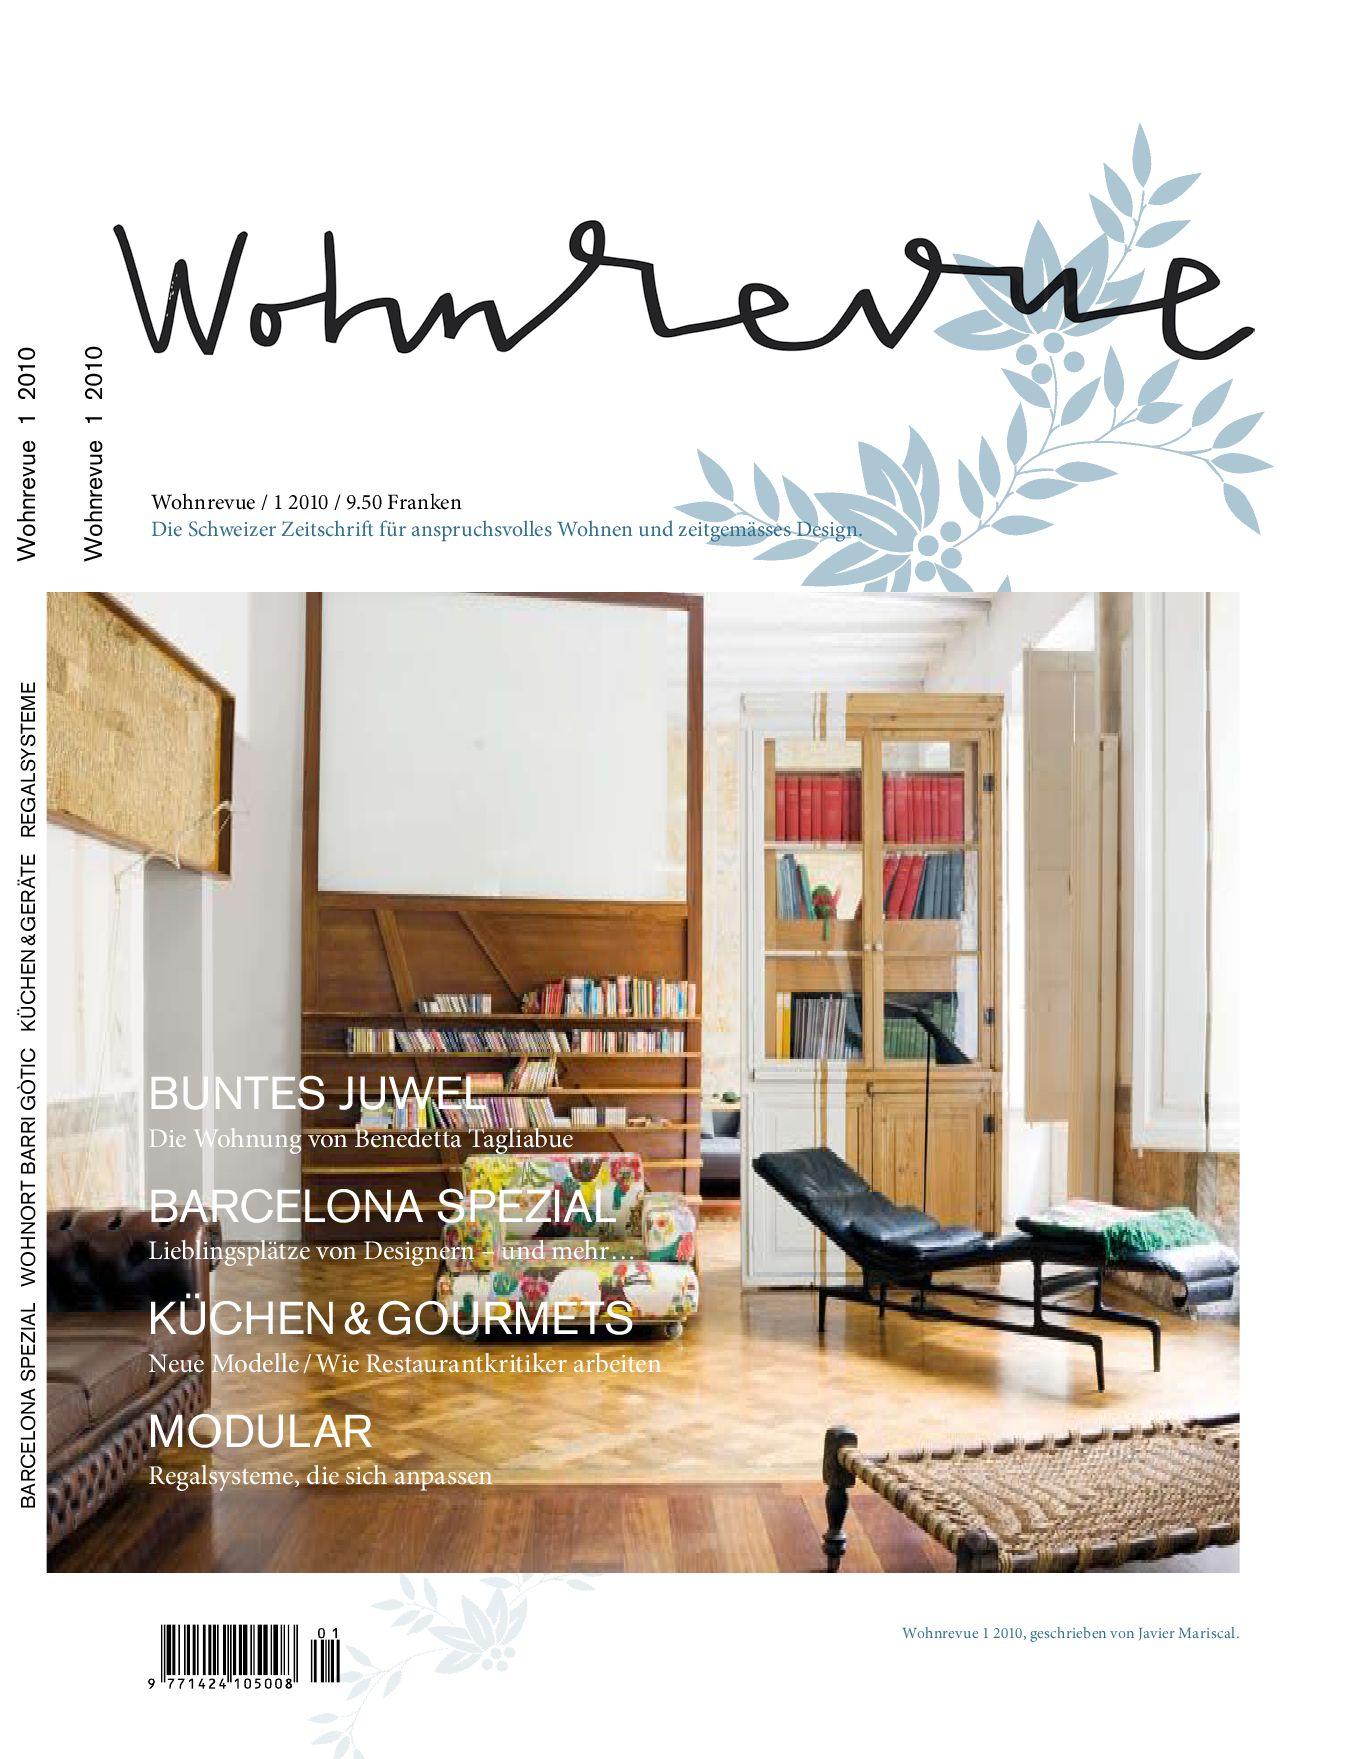 Wohnrevue 01 2010 by Boll Verlag - issuu